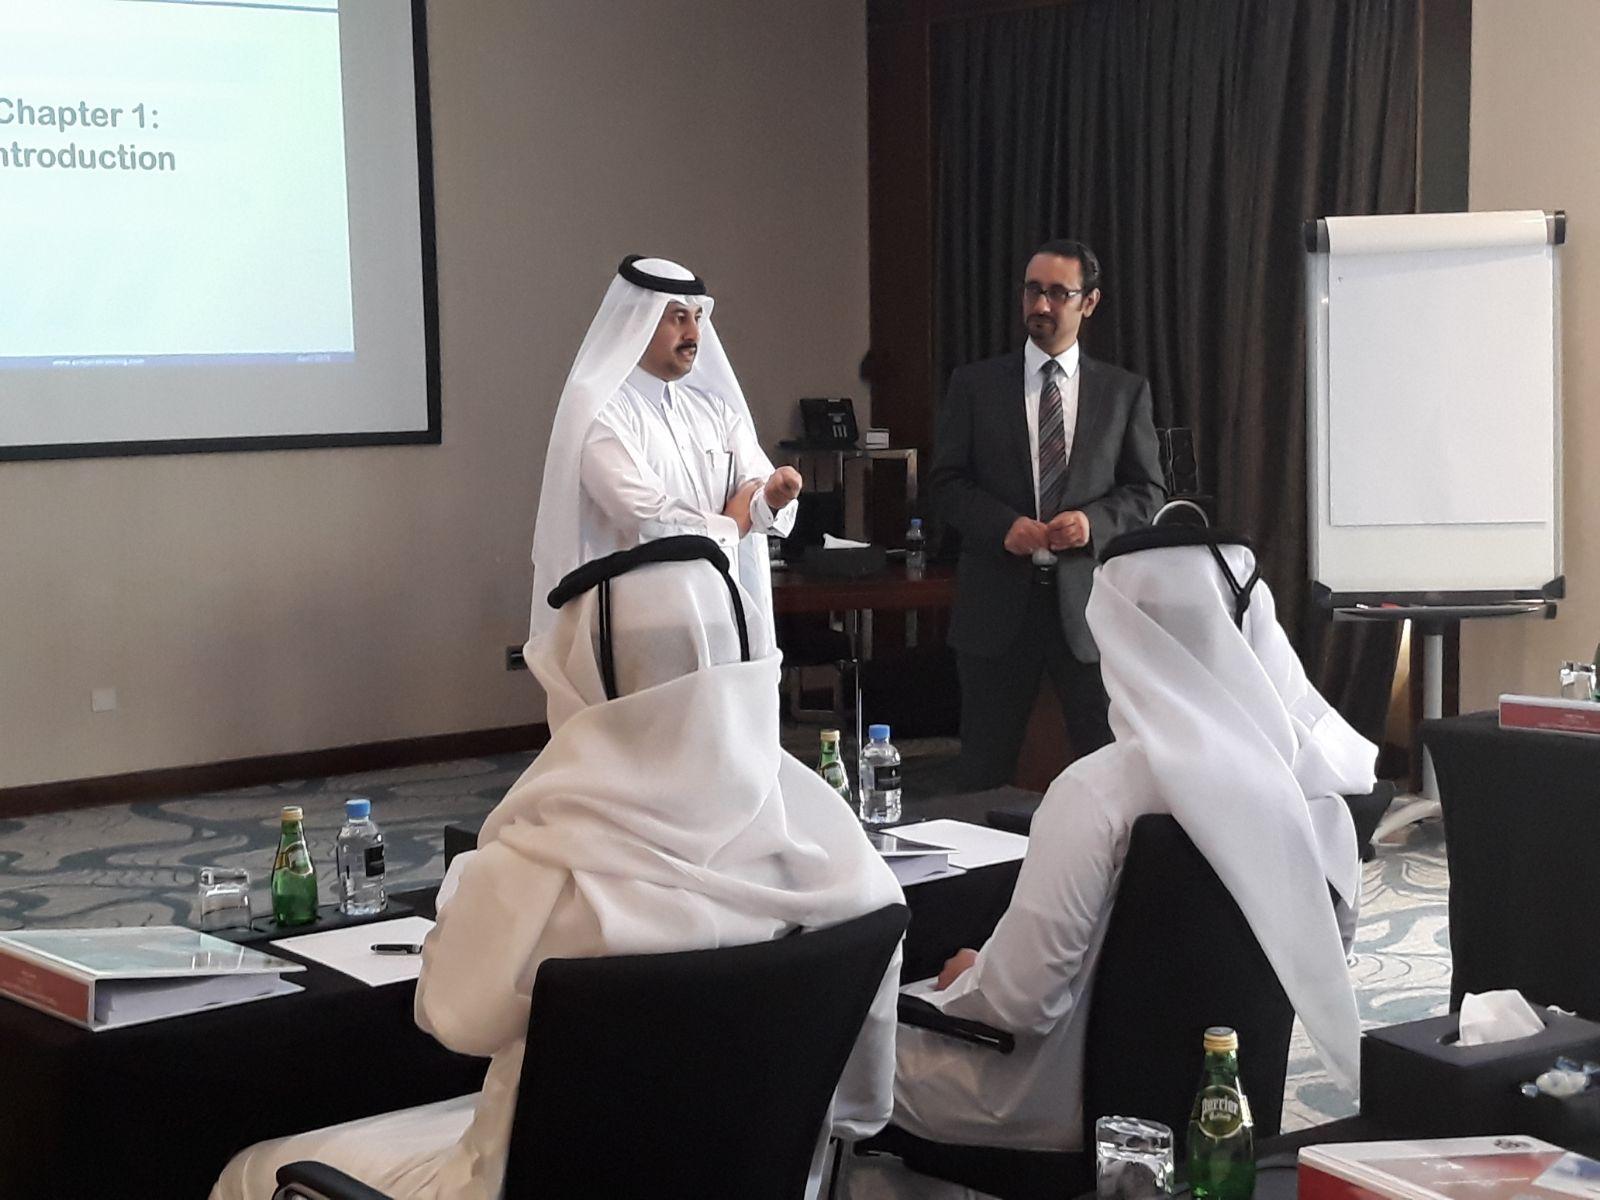 المهندس محمد الكواري: هذه الدورةهي الأولي بالنسبة لمجلس الإدارة الحالي